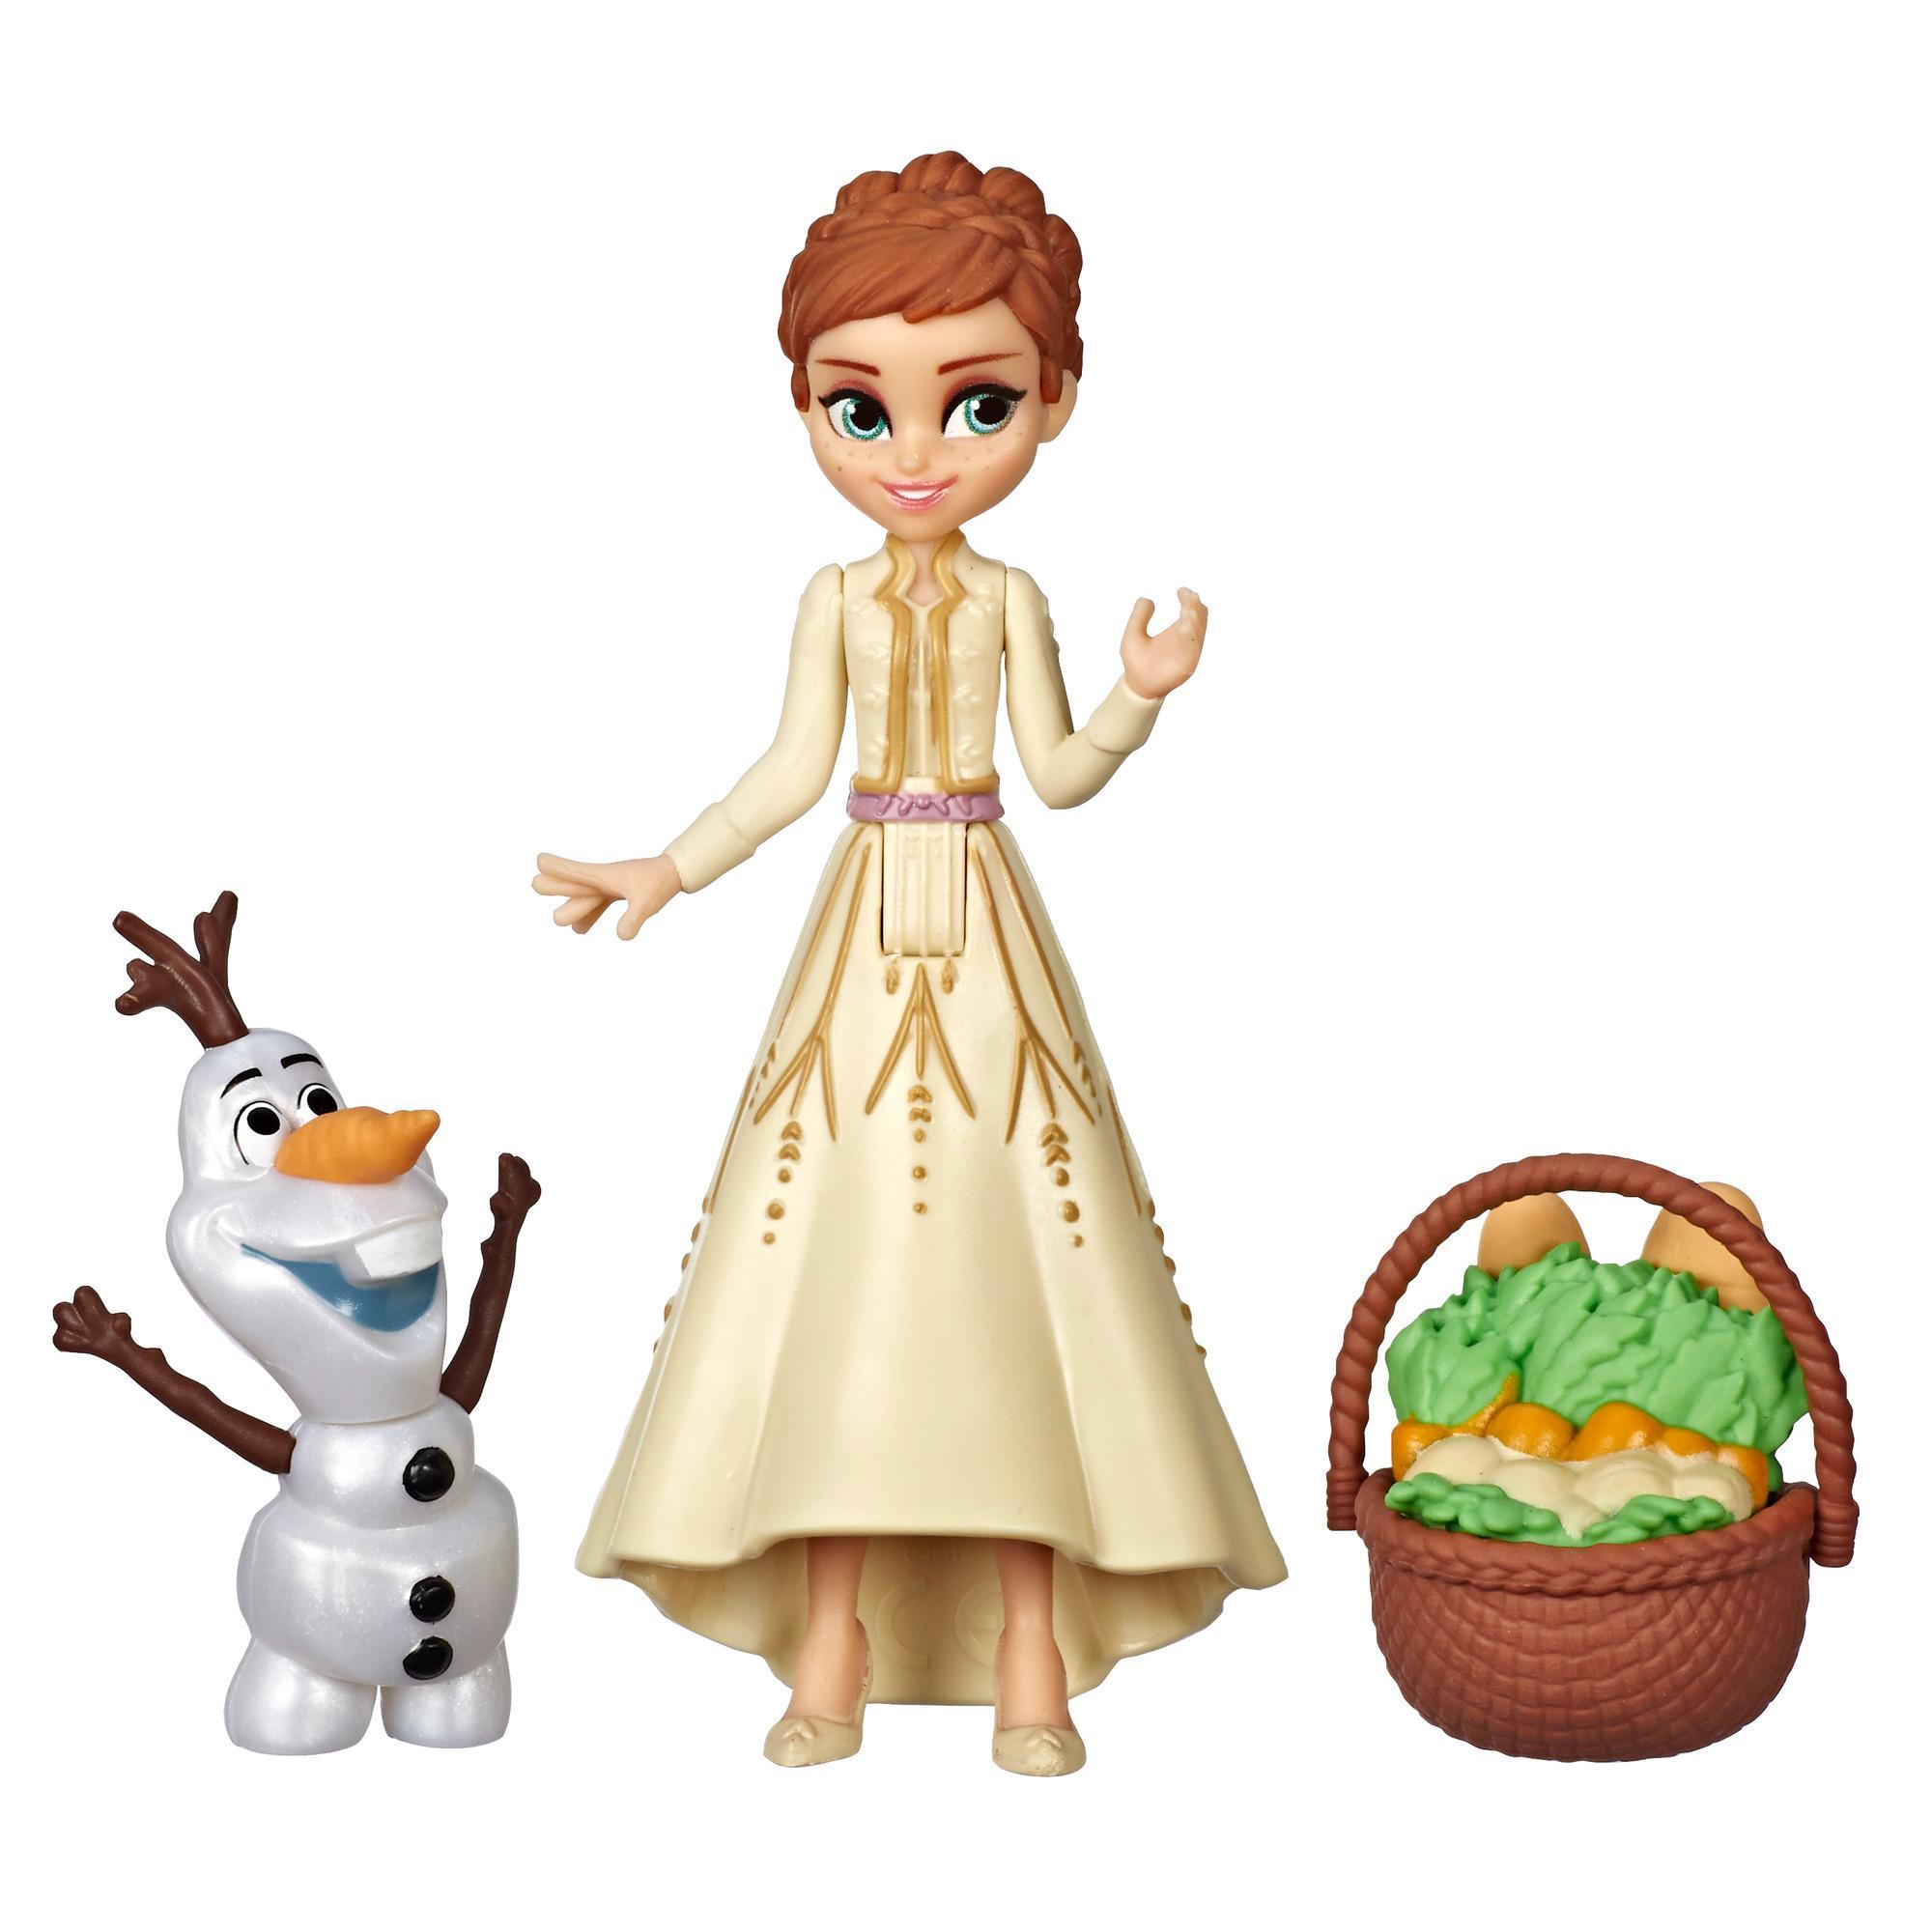 Disney Frozen - Muñecas pequeñas de Anna y Elsa y canasta como accesorio - Set inspirado en la película de Disney Frozen 2